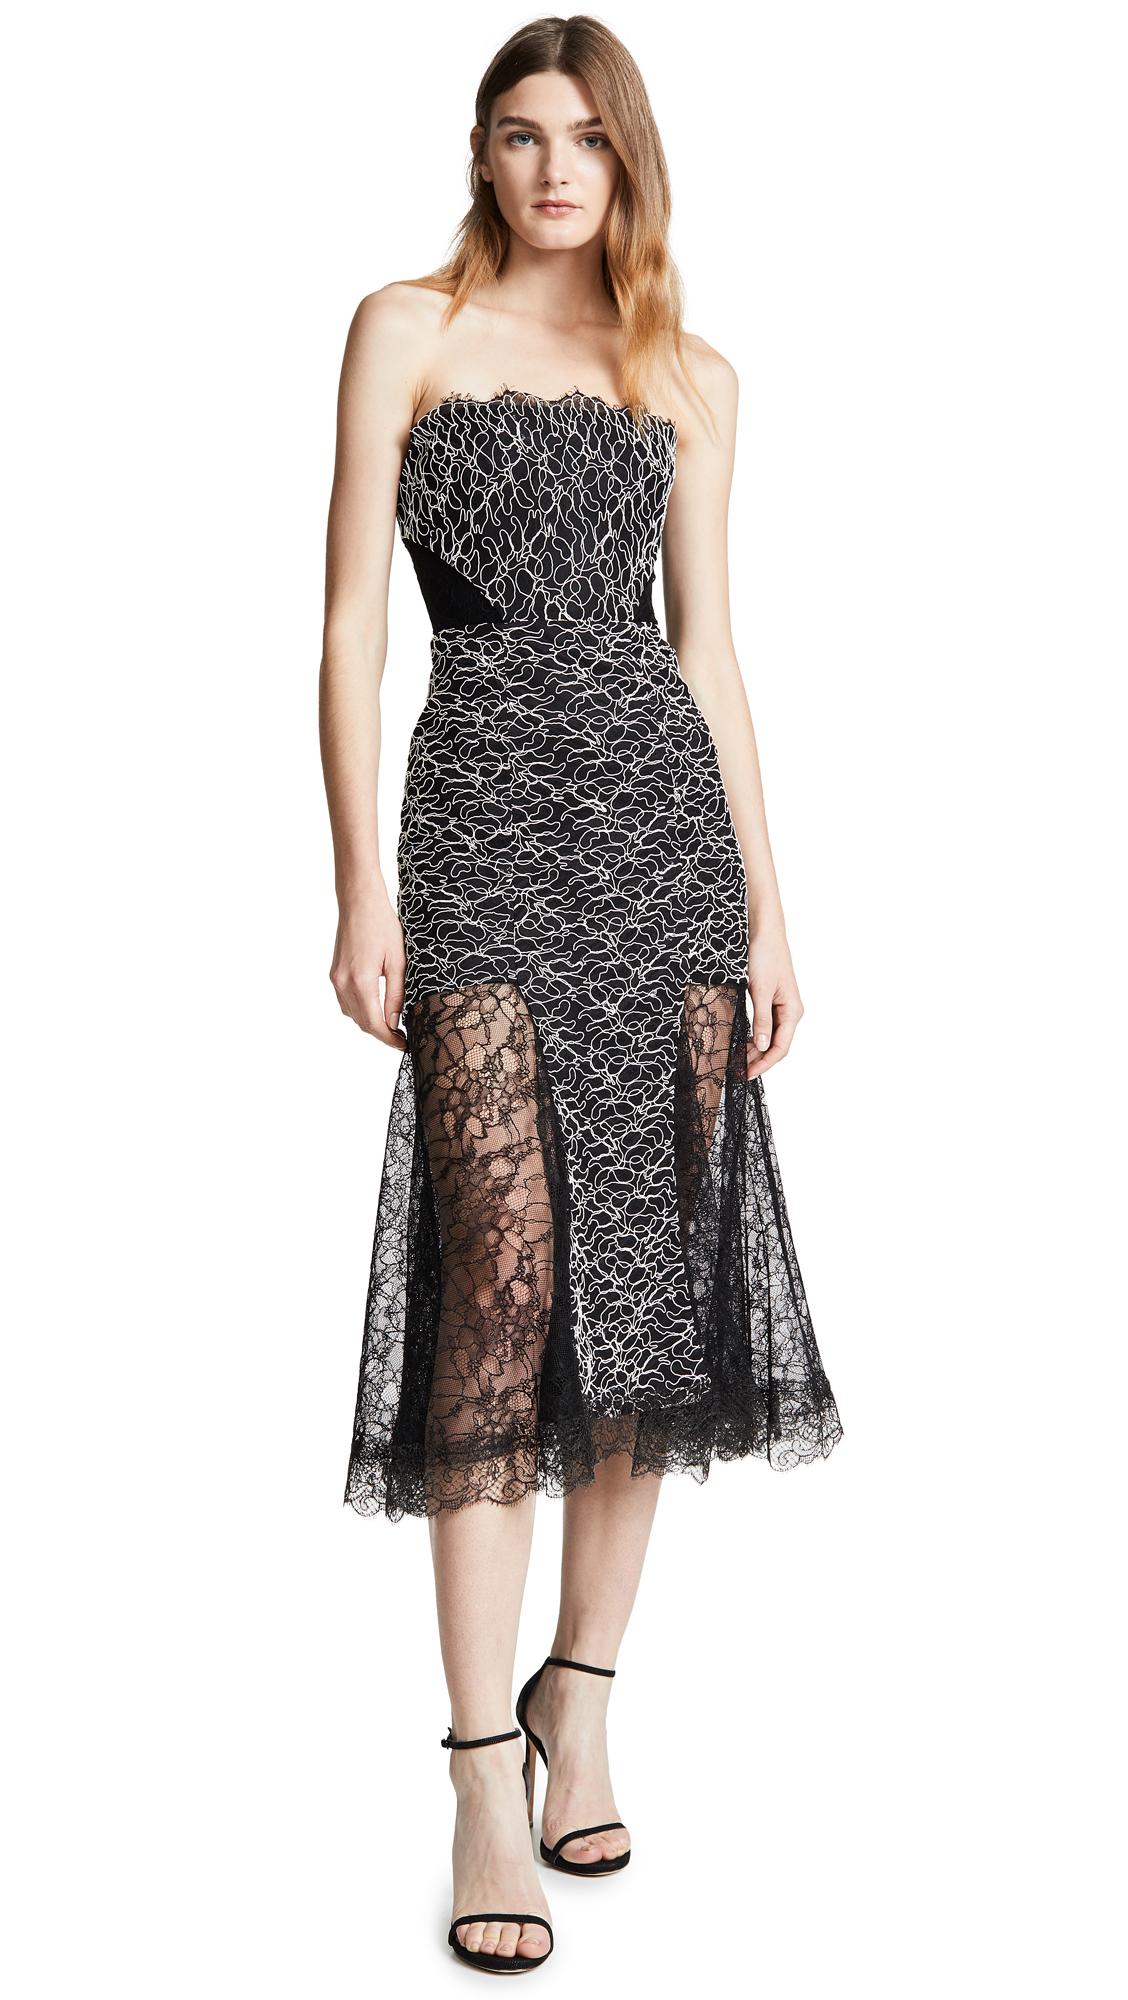 Alexis Ornella Dress